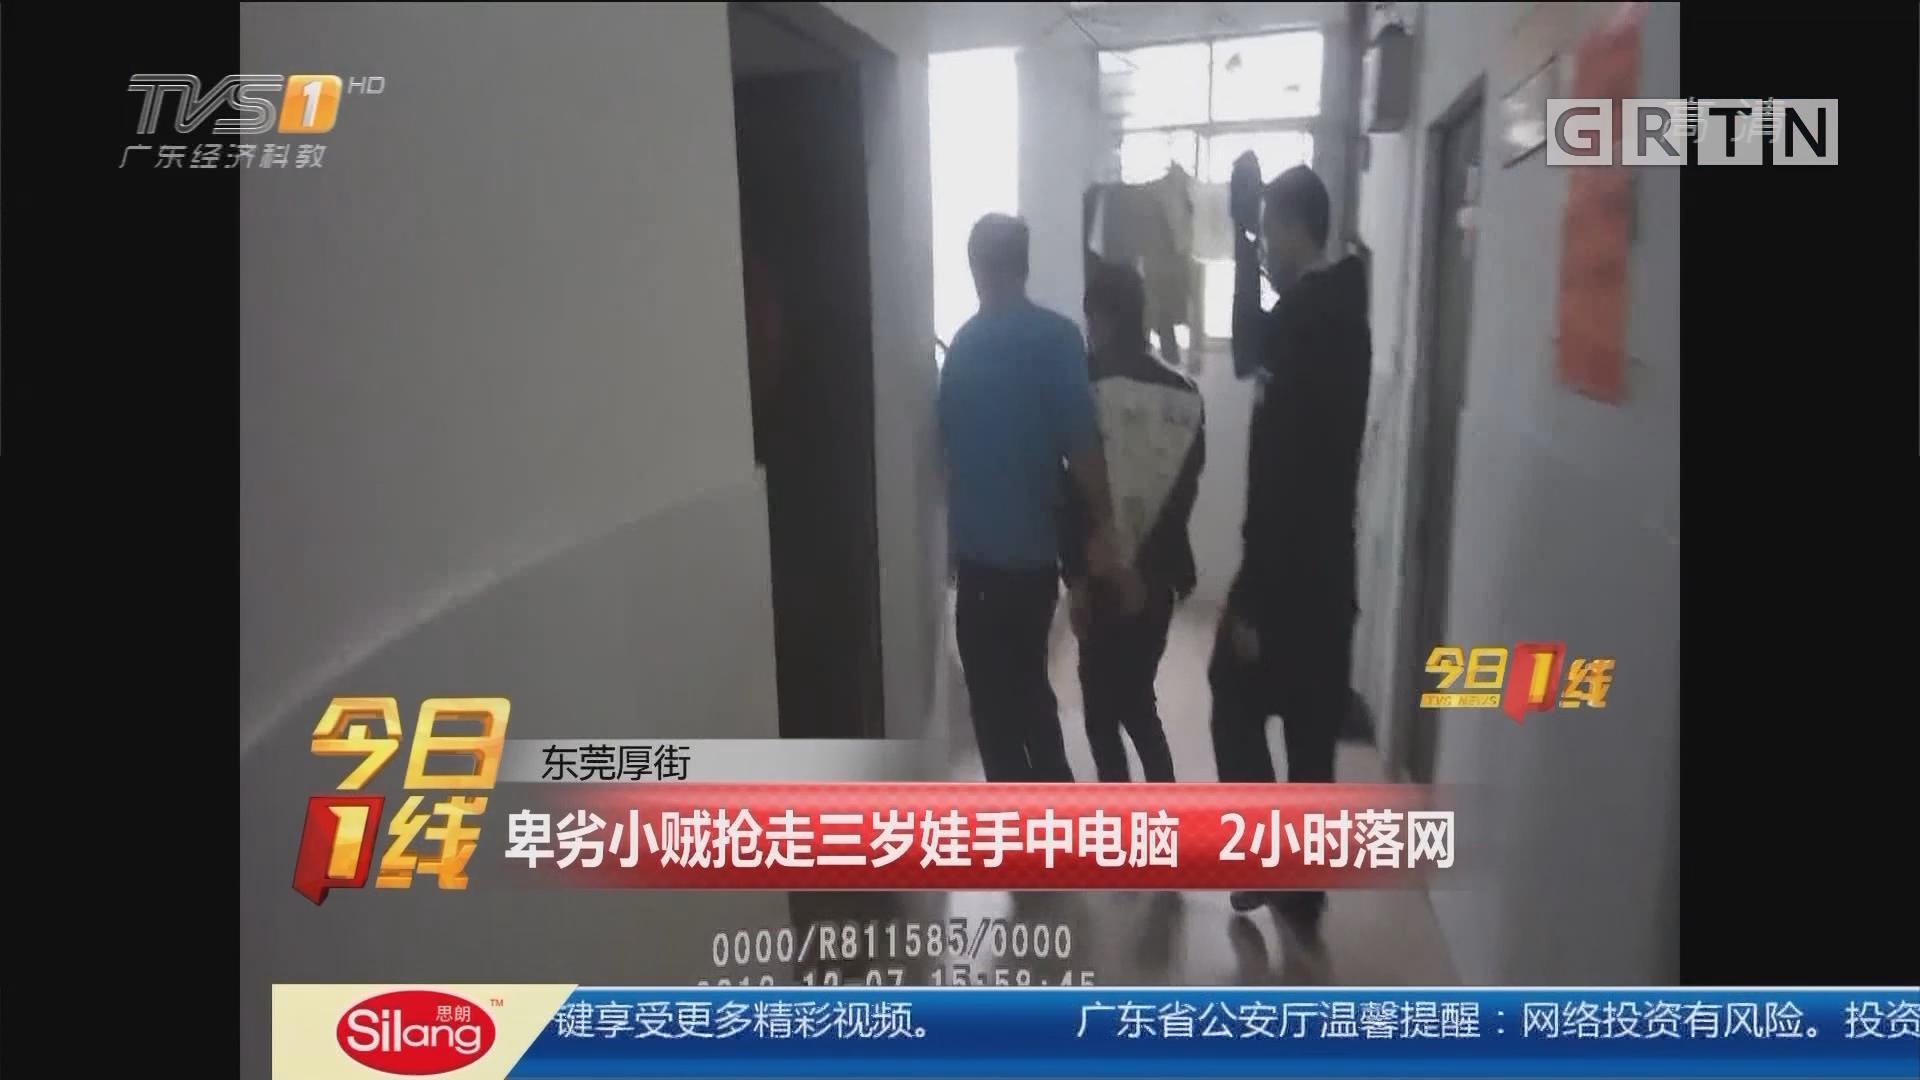 东莞厚街:卑劣小贼抢走三岁娃手中电脑 2小时落网